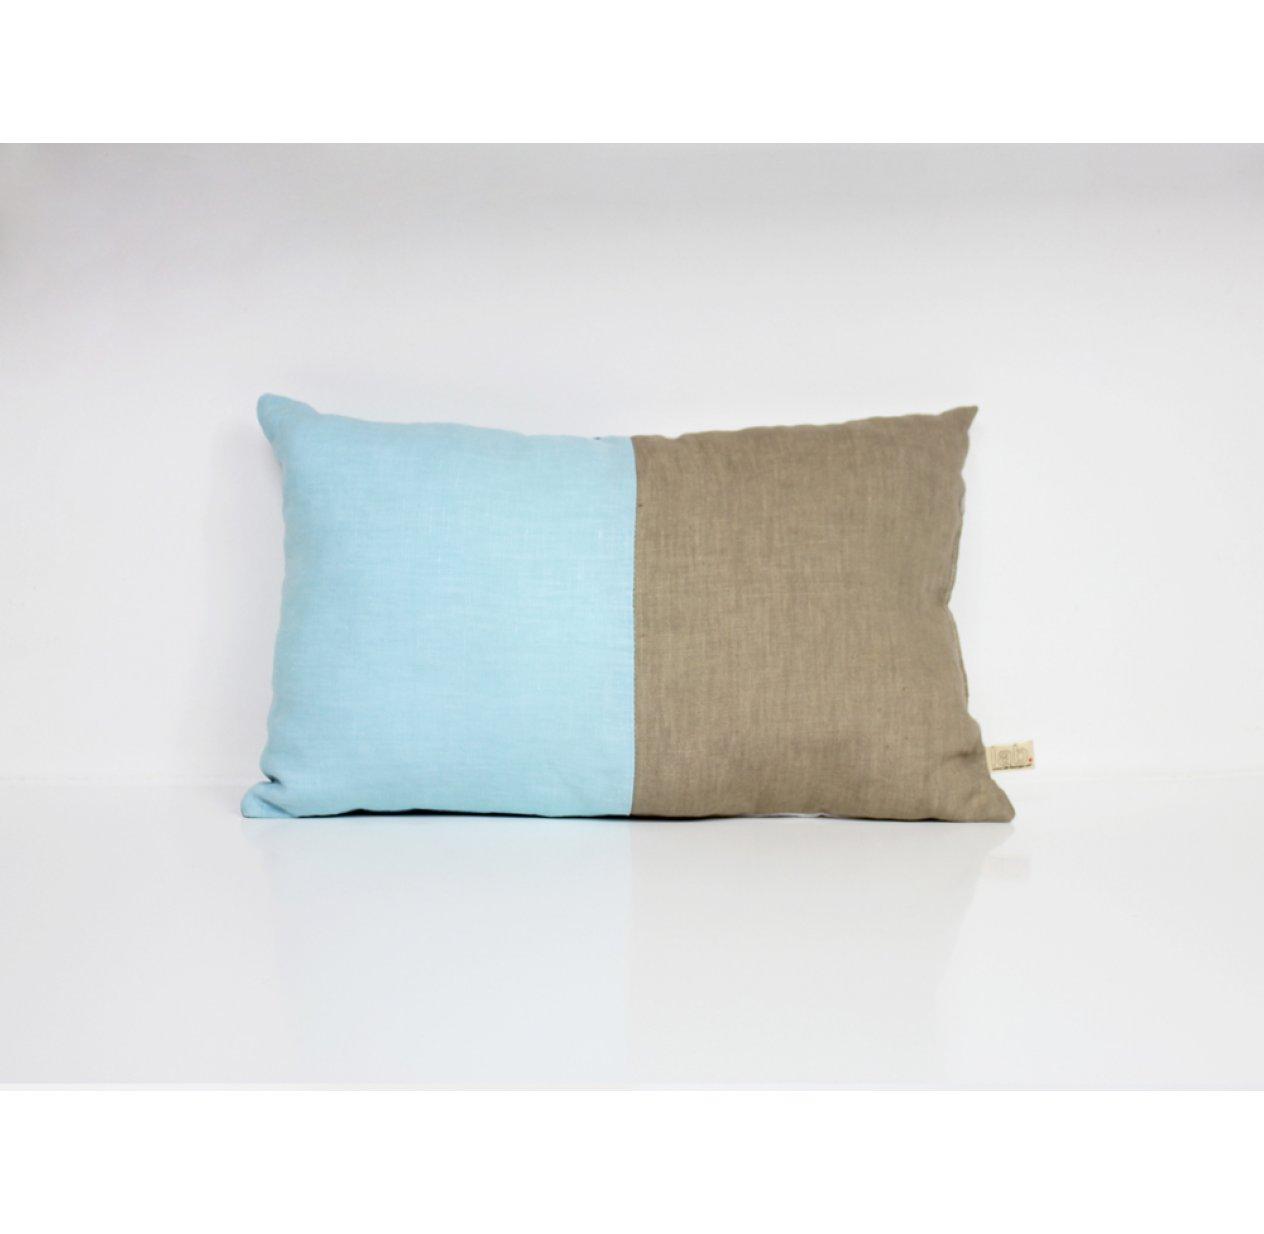 Chambre Bleu Ciel Et Lin coussin en lin 25 x 40 cm - bleu